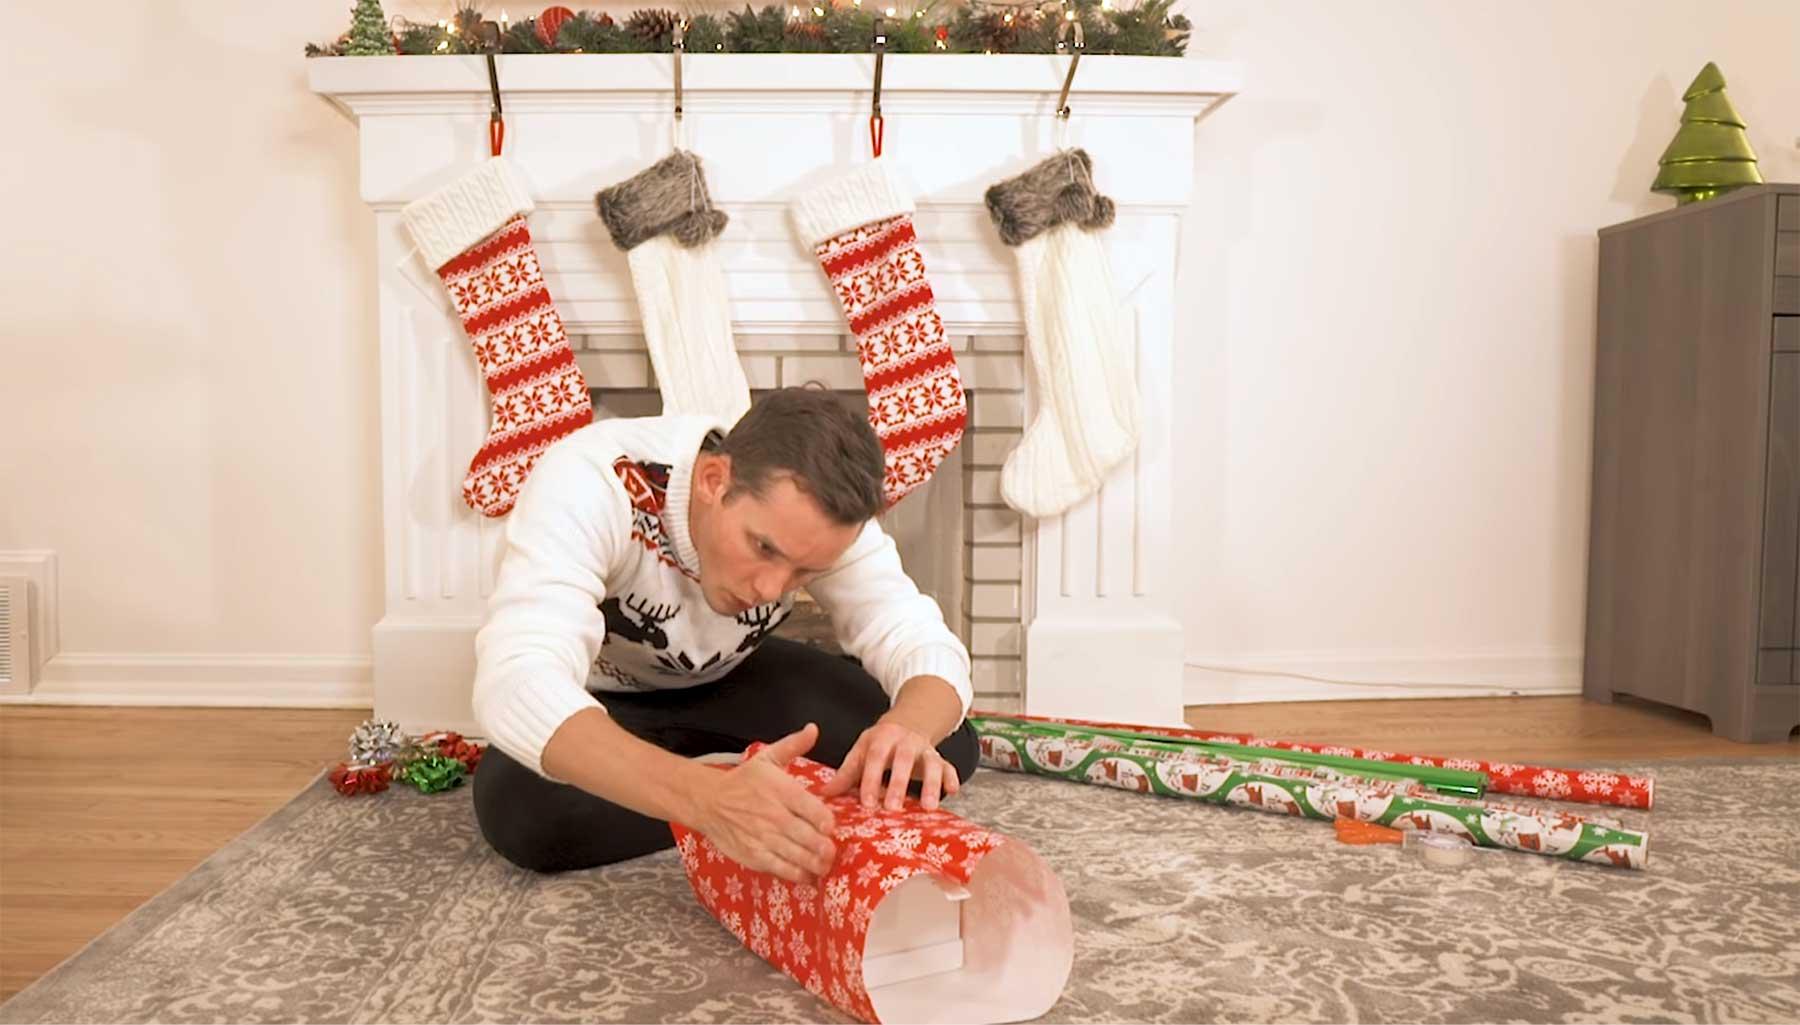 Weihnachtsgeschenke Bis 50.50 Arten Weihnachtsgeschenke Einzupacken